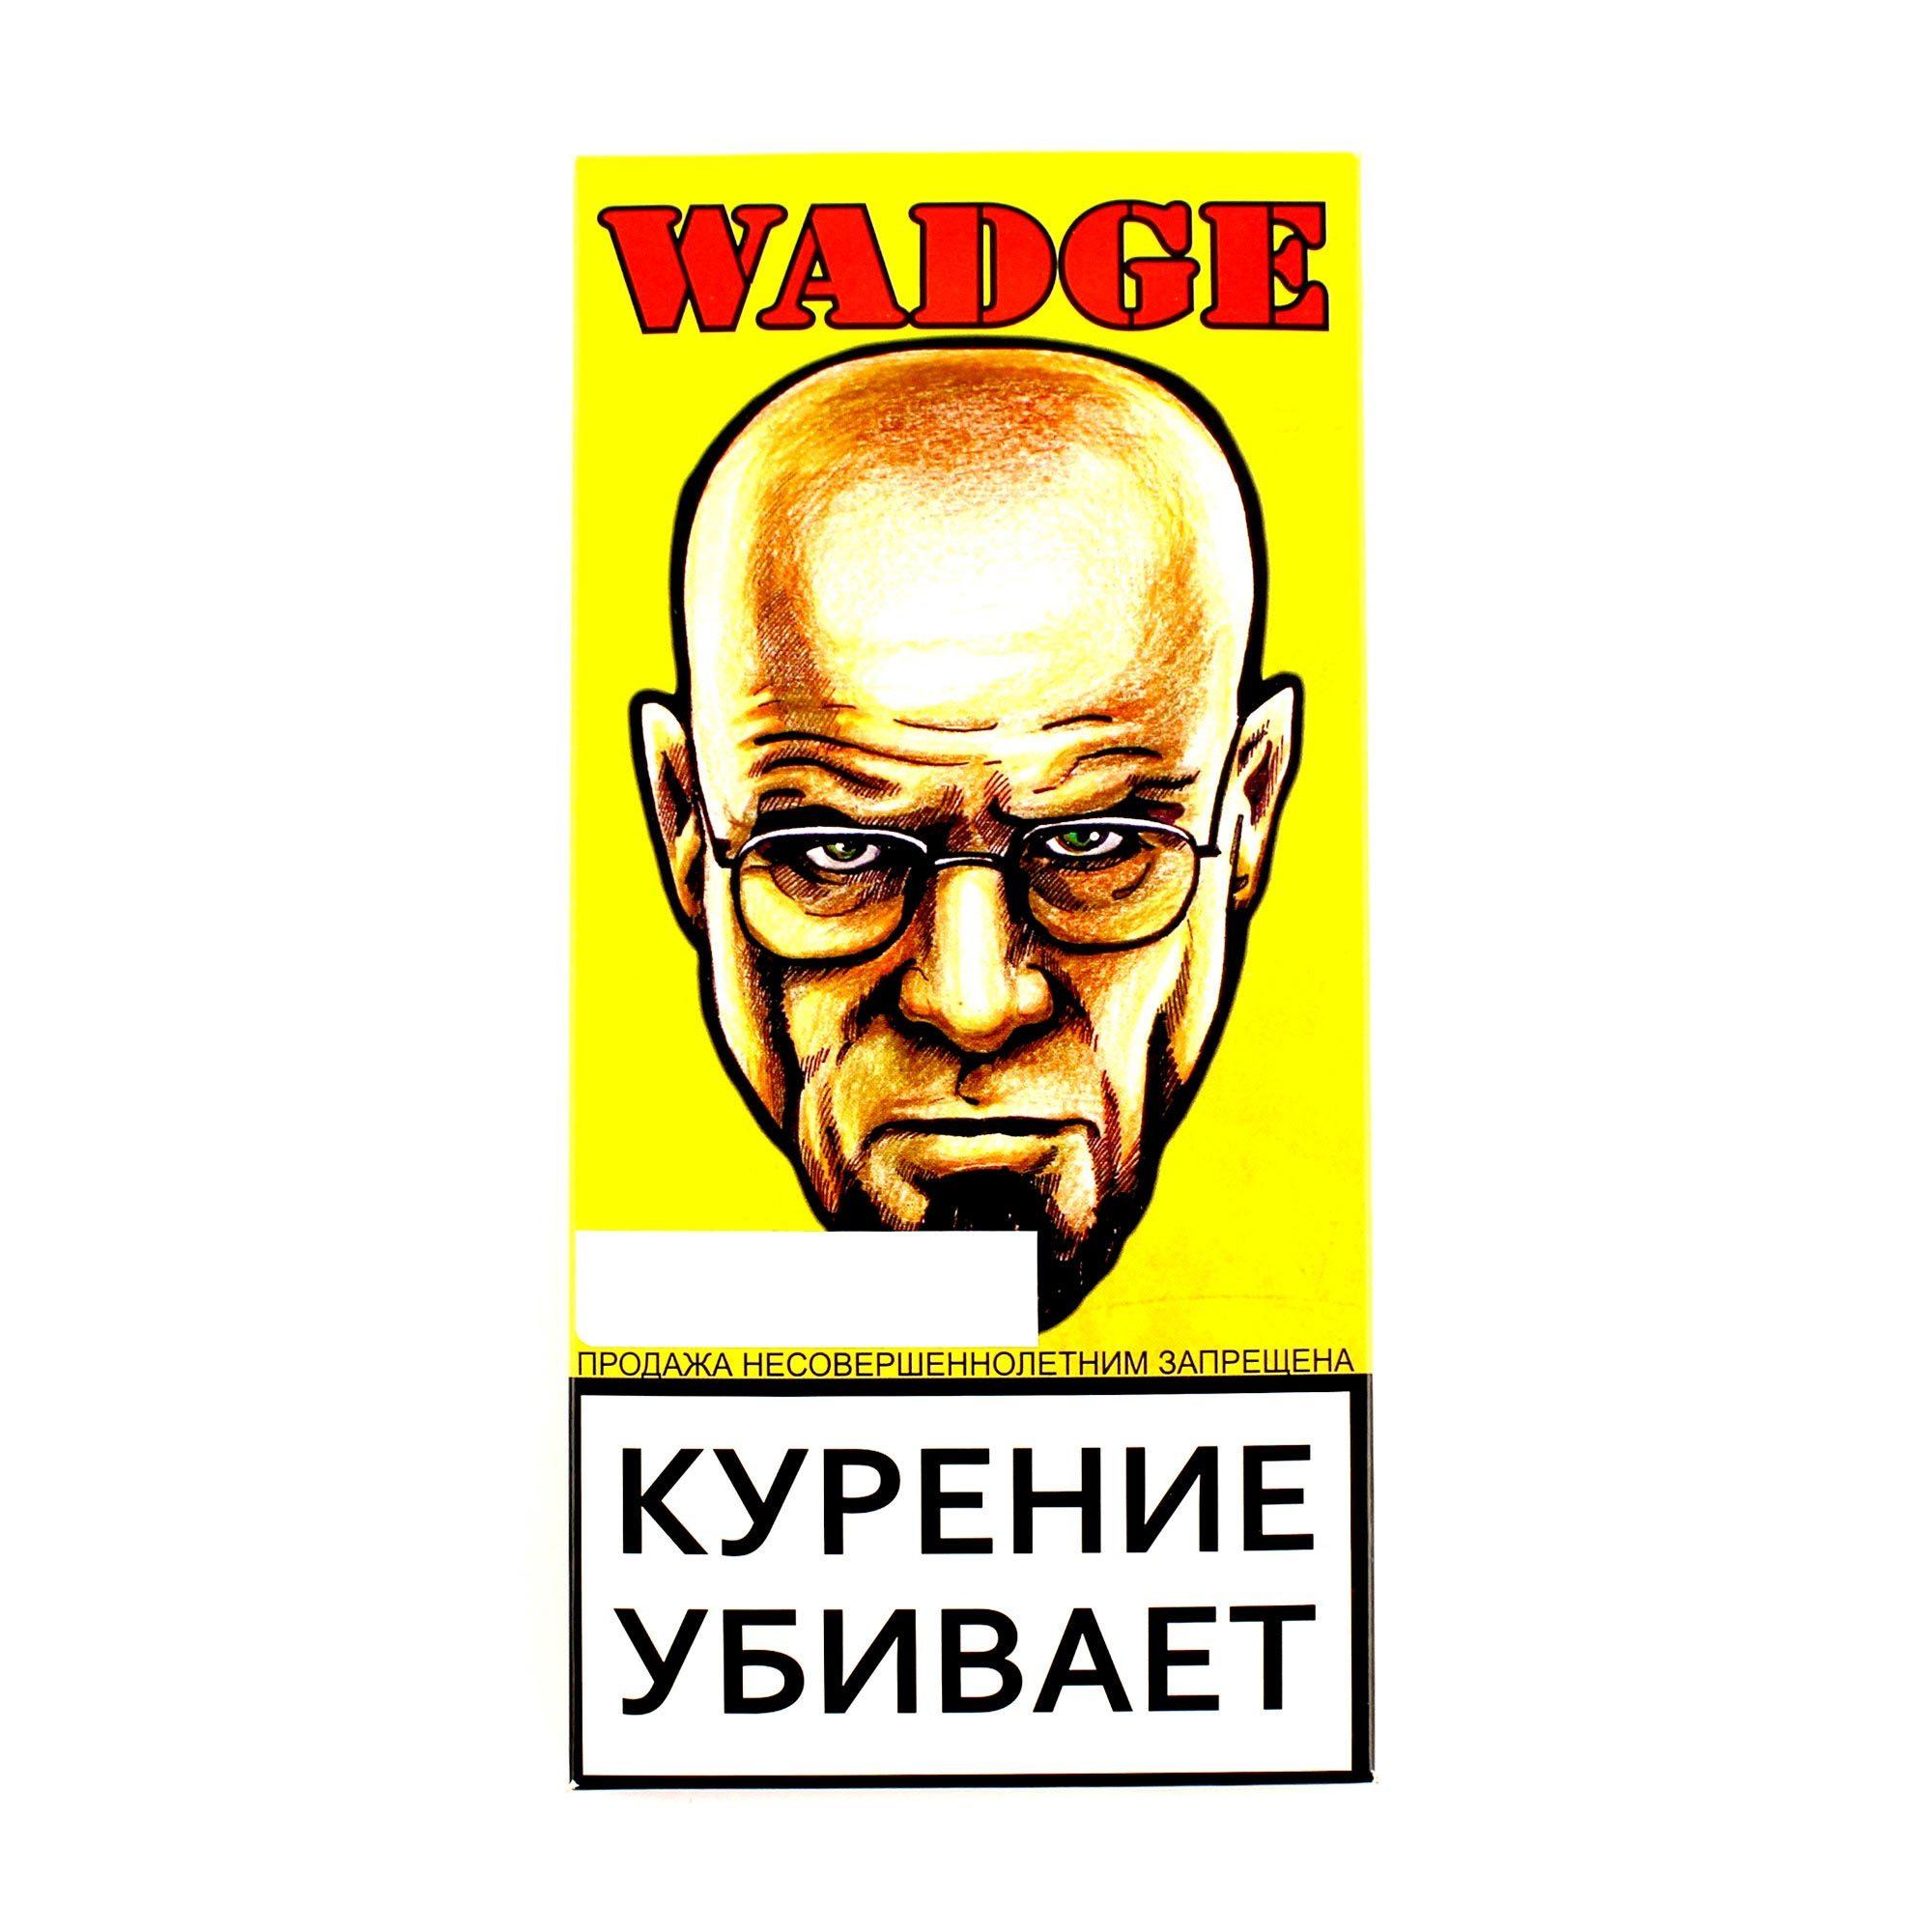 Табак для кальяна WADGE